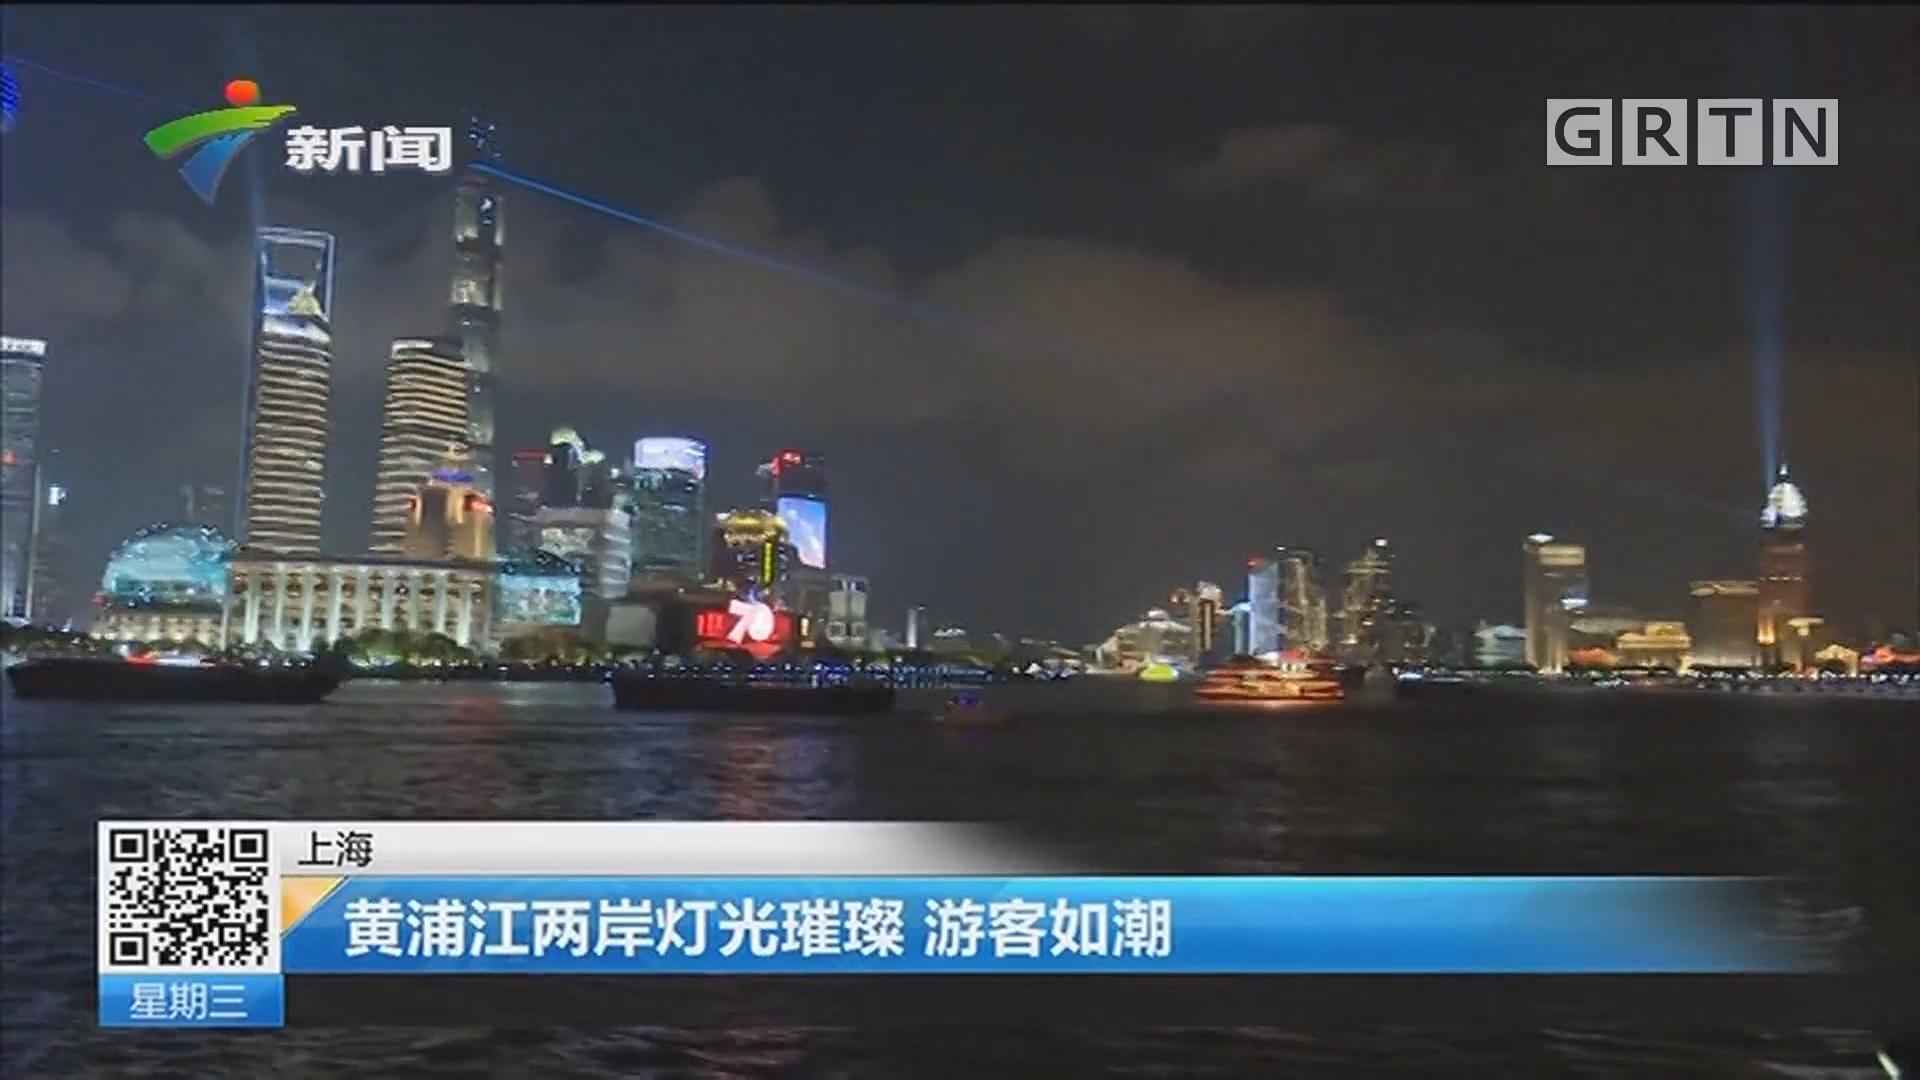 上海:黄浦江两岸灯光璀璨 游客如潮